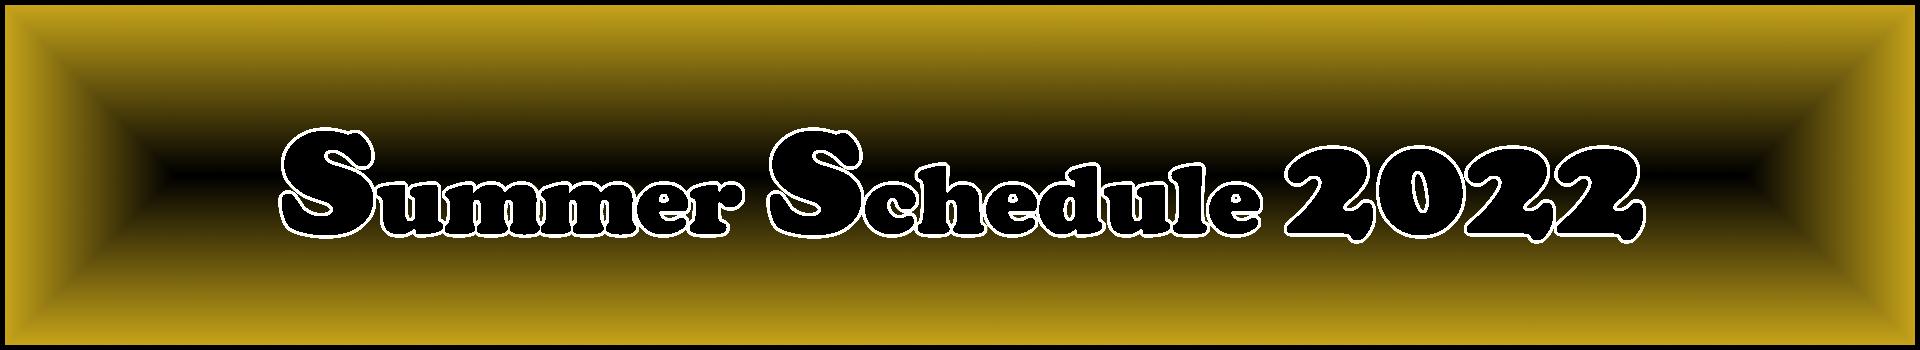 Summer Schedule 2022.PNG